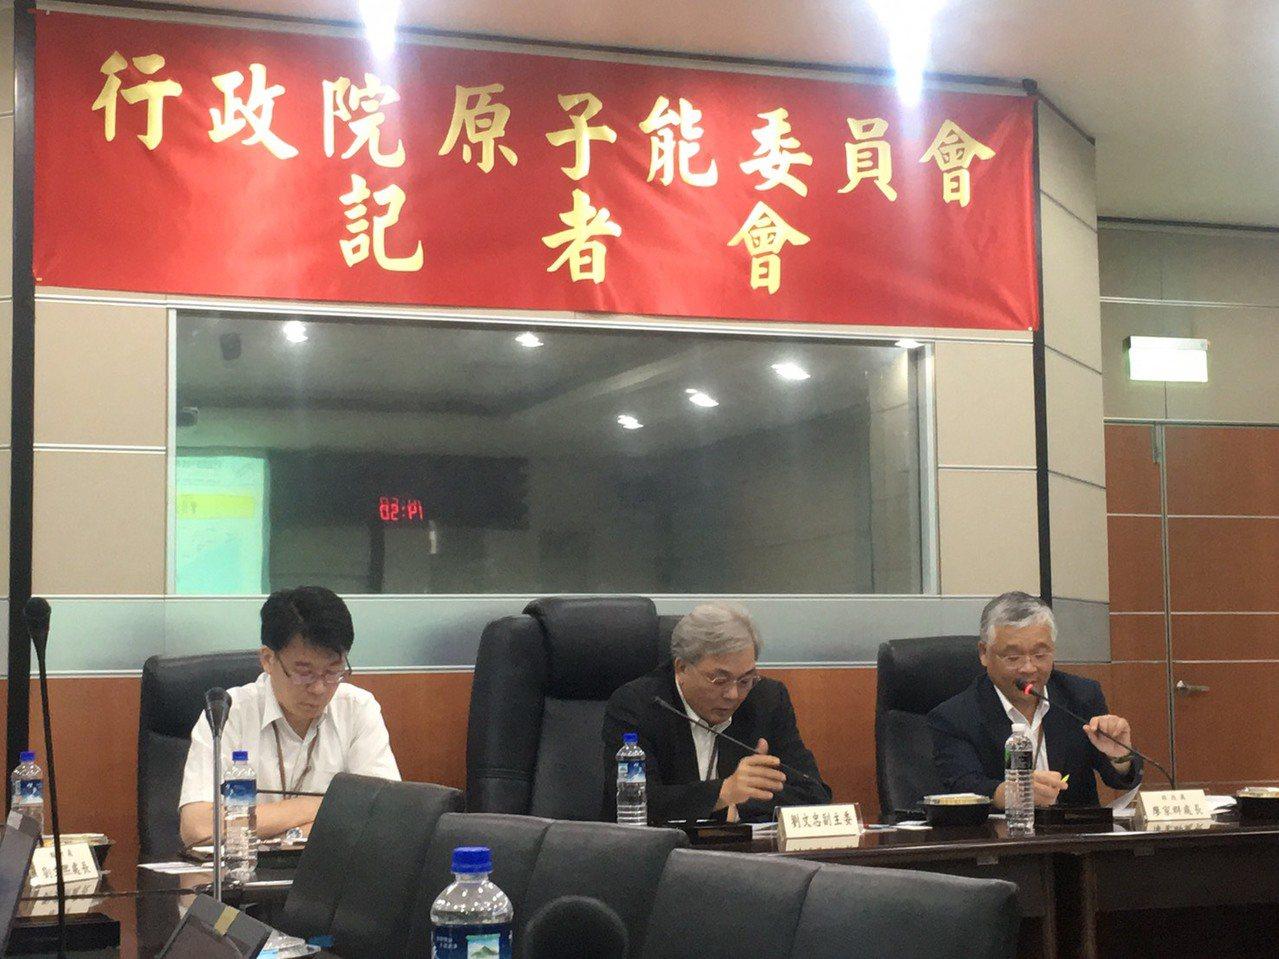 原能會今天舉辦108年核安第25號演習實兵演練記者會說明。記者吳姿賢/攝影